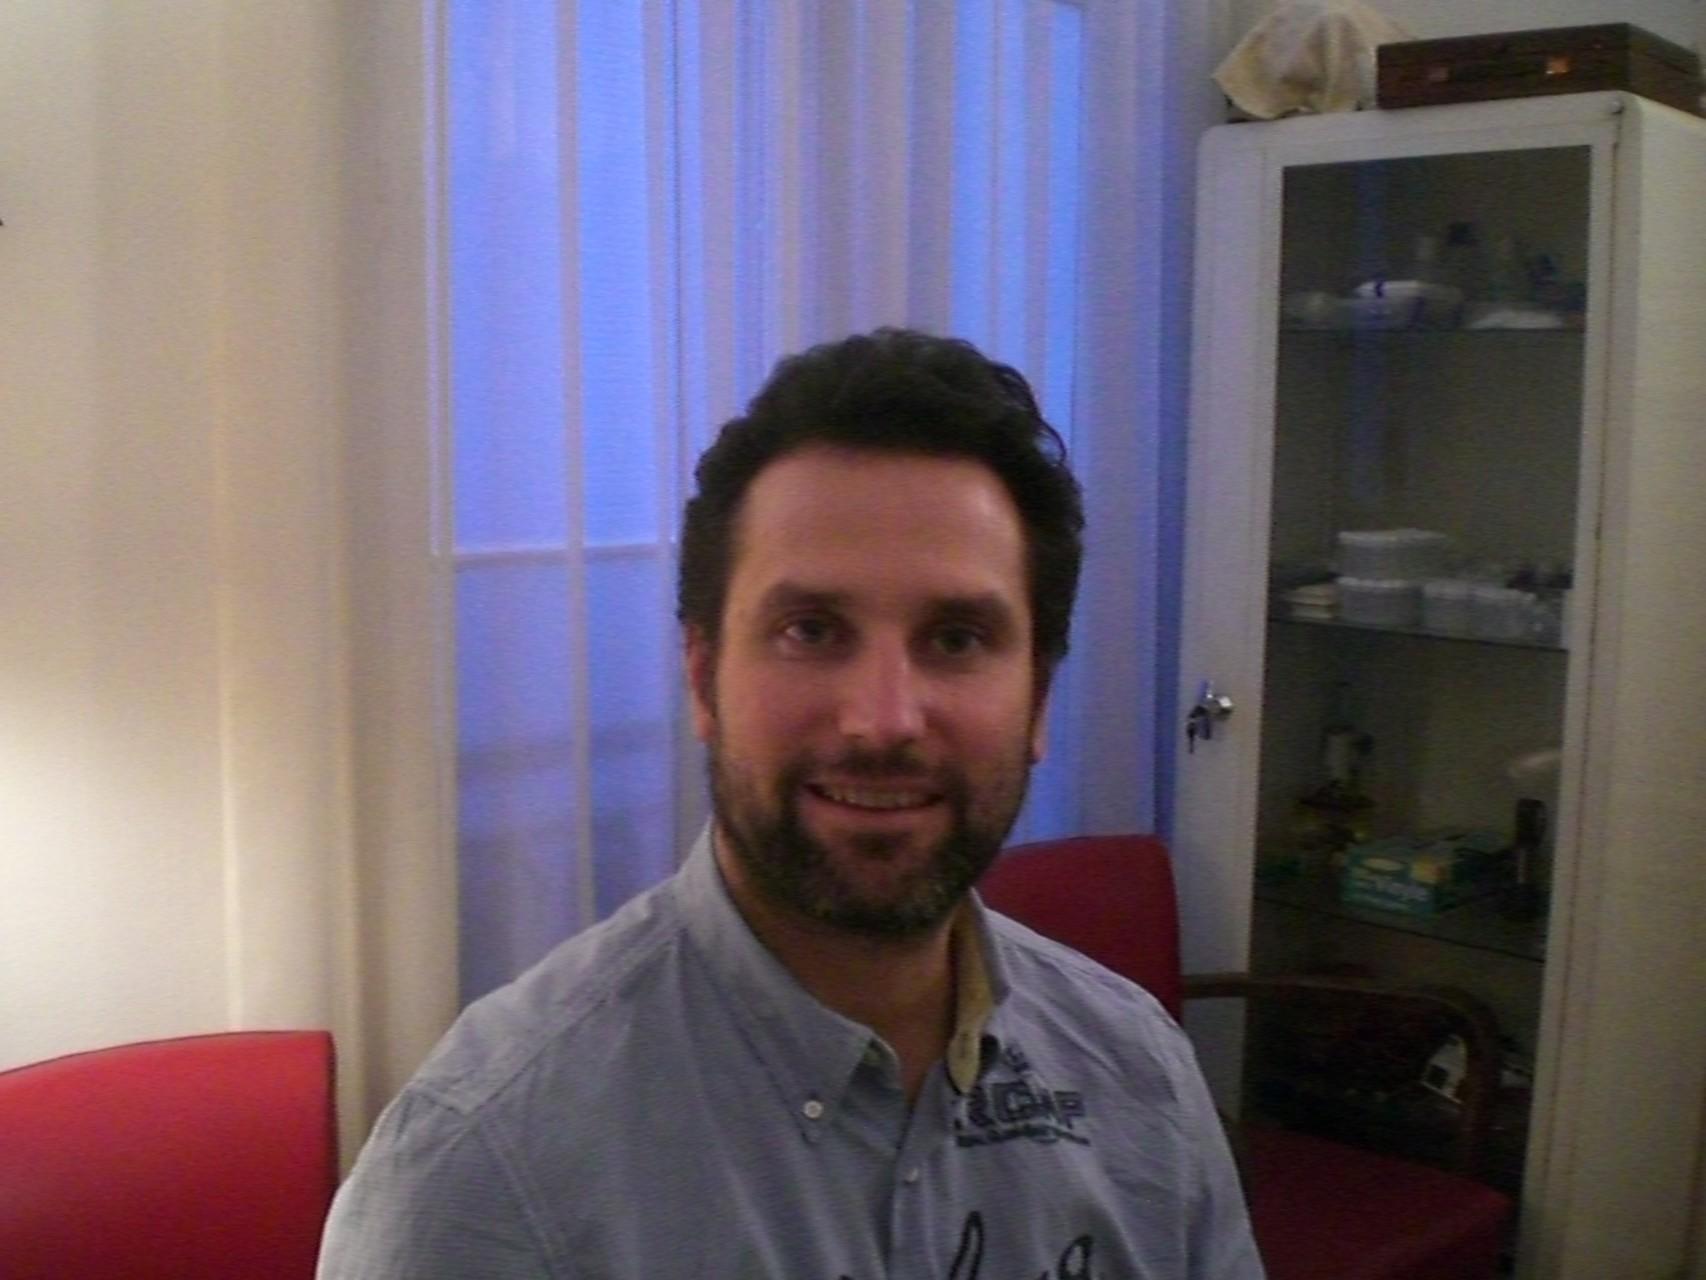 Romain MAROT